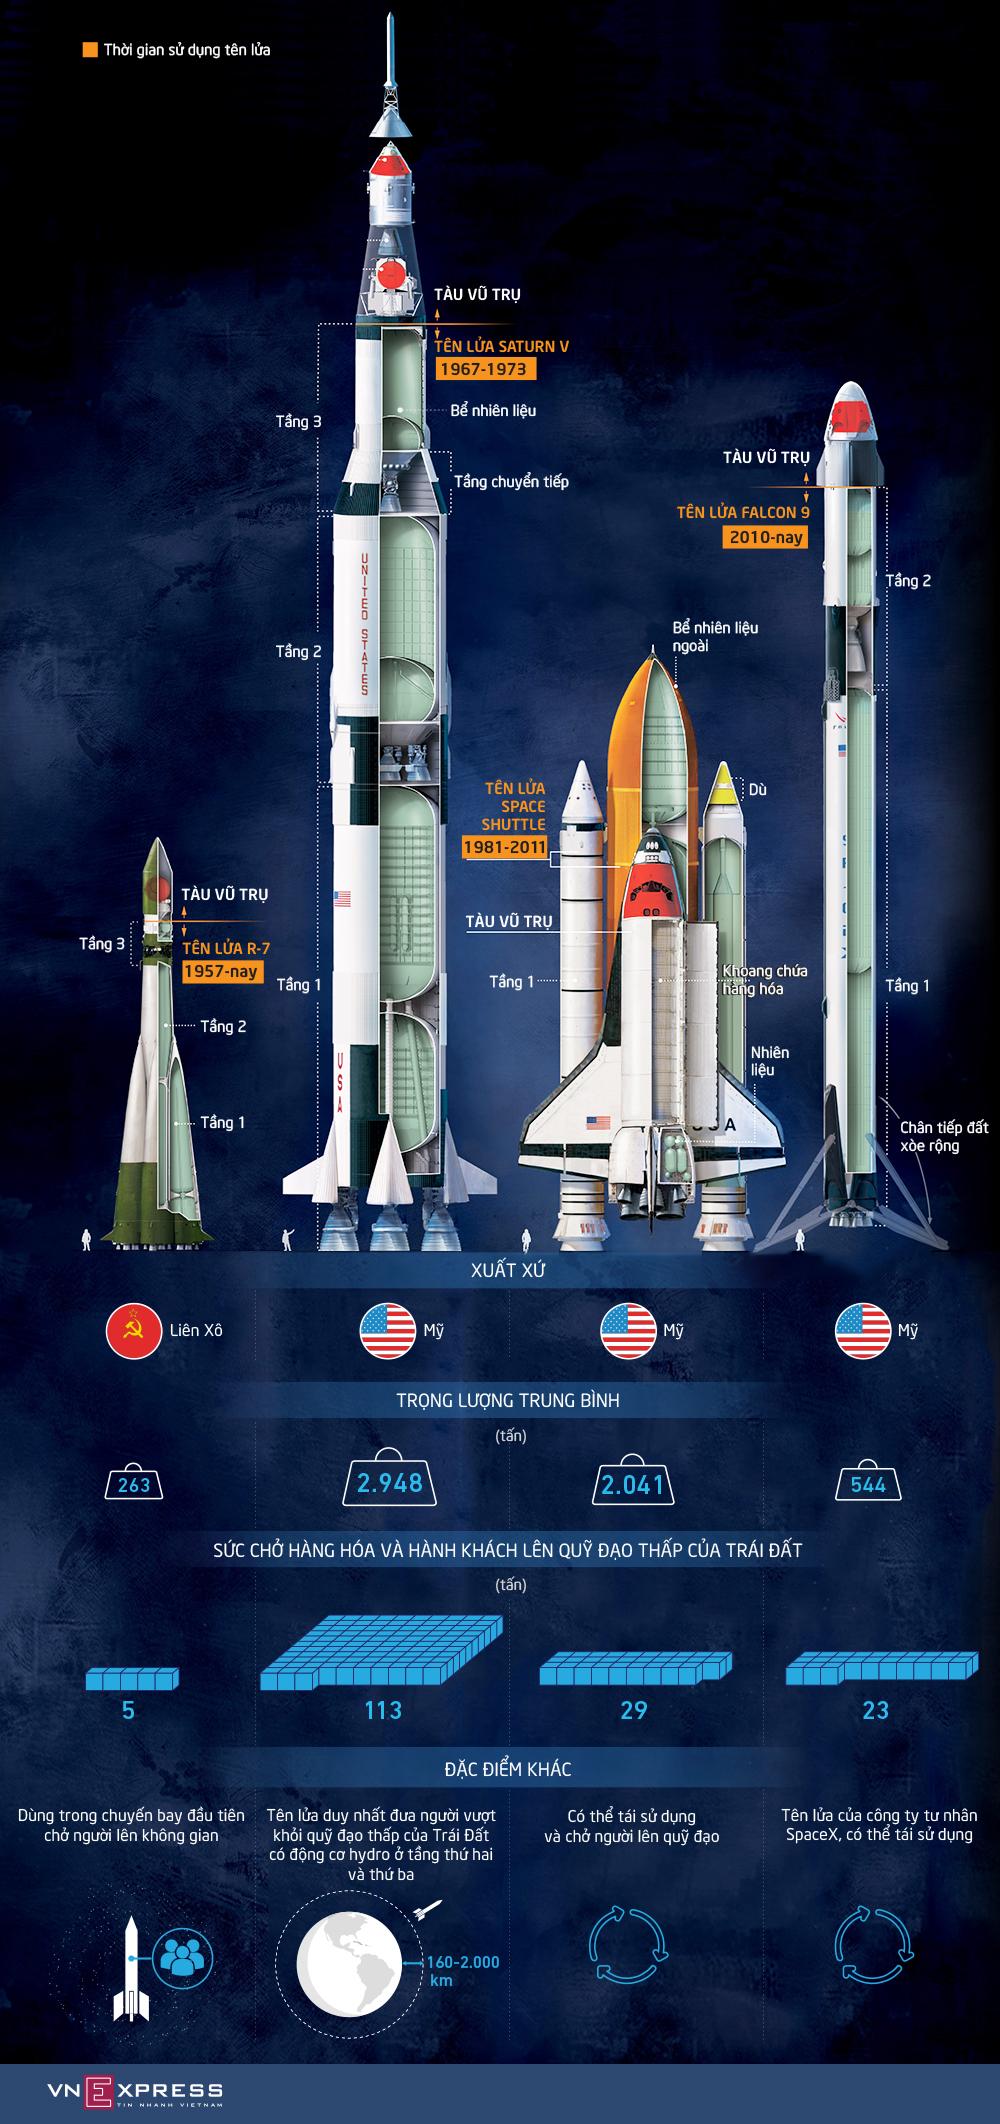 Những tên lửa được sử dụng trong lịch sử khám phá vũ trụ